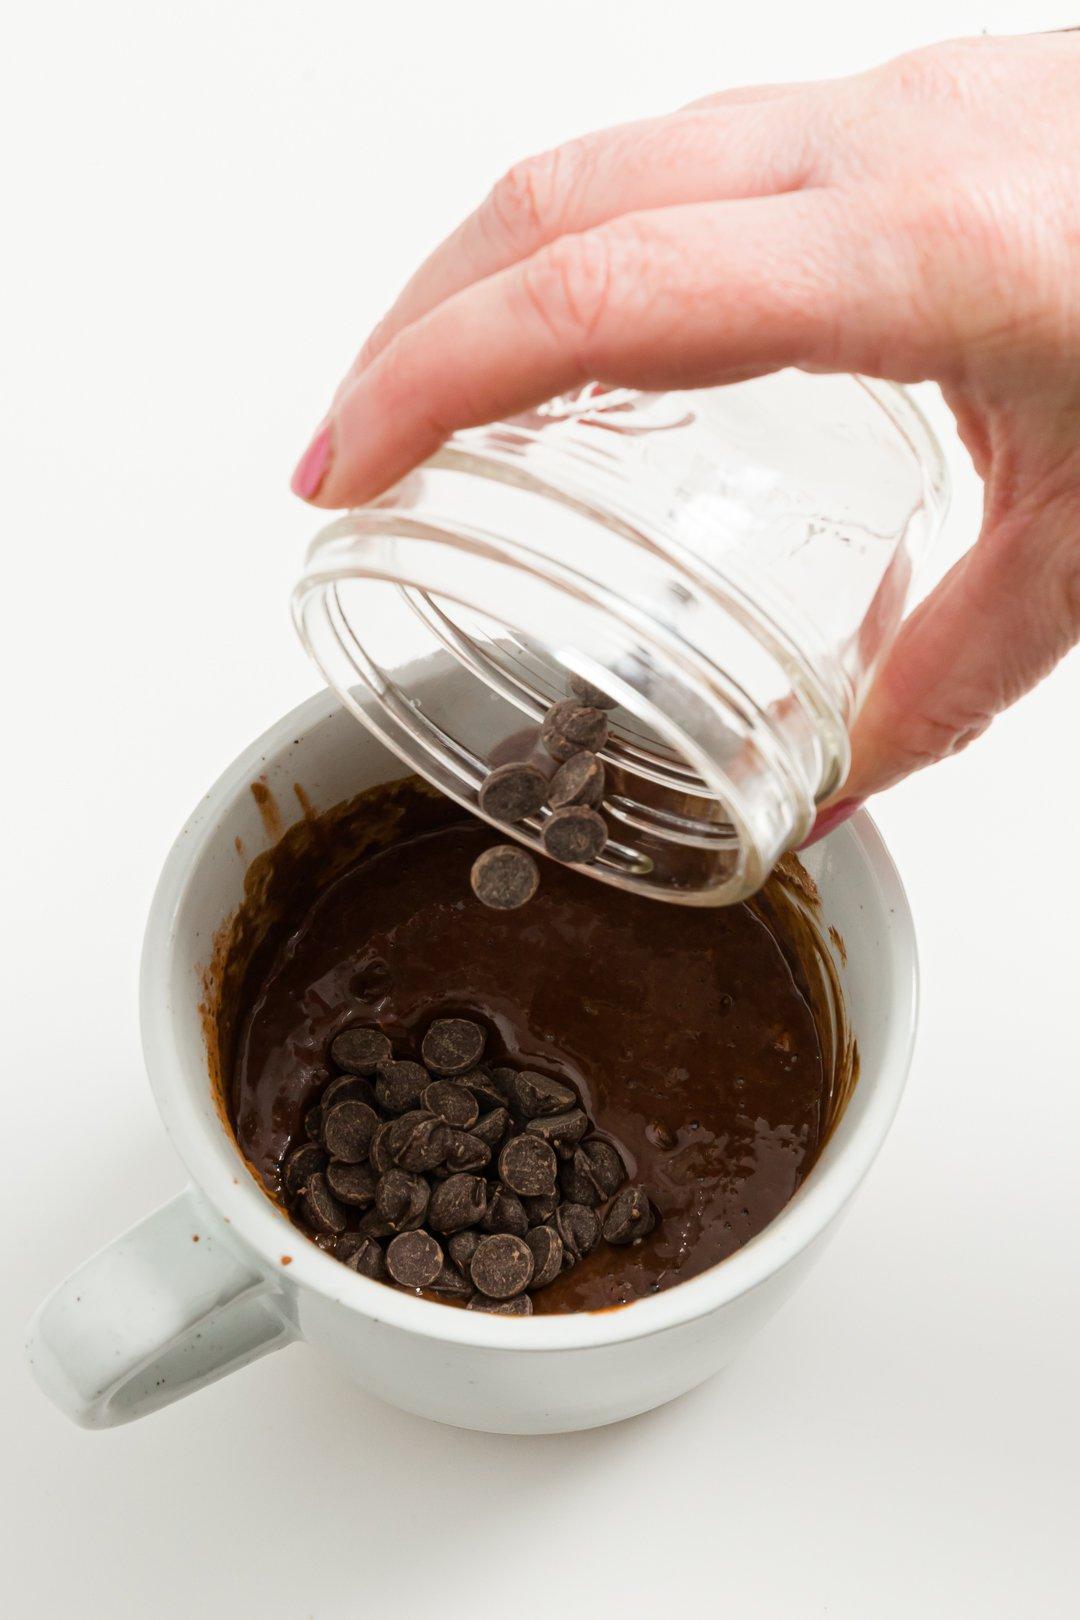 Adding chocolate chips to mug